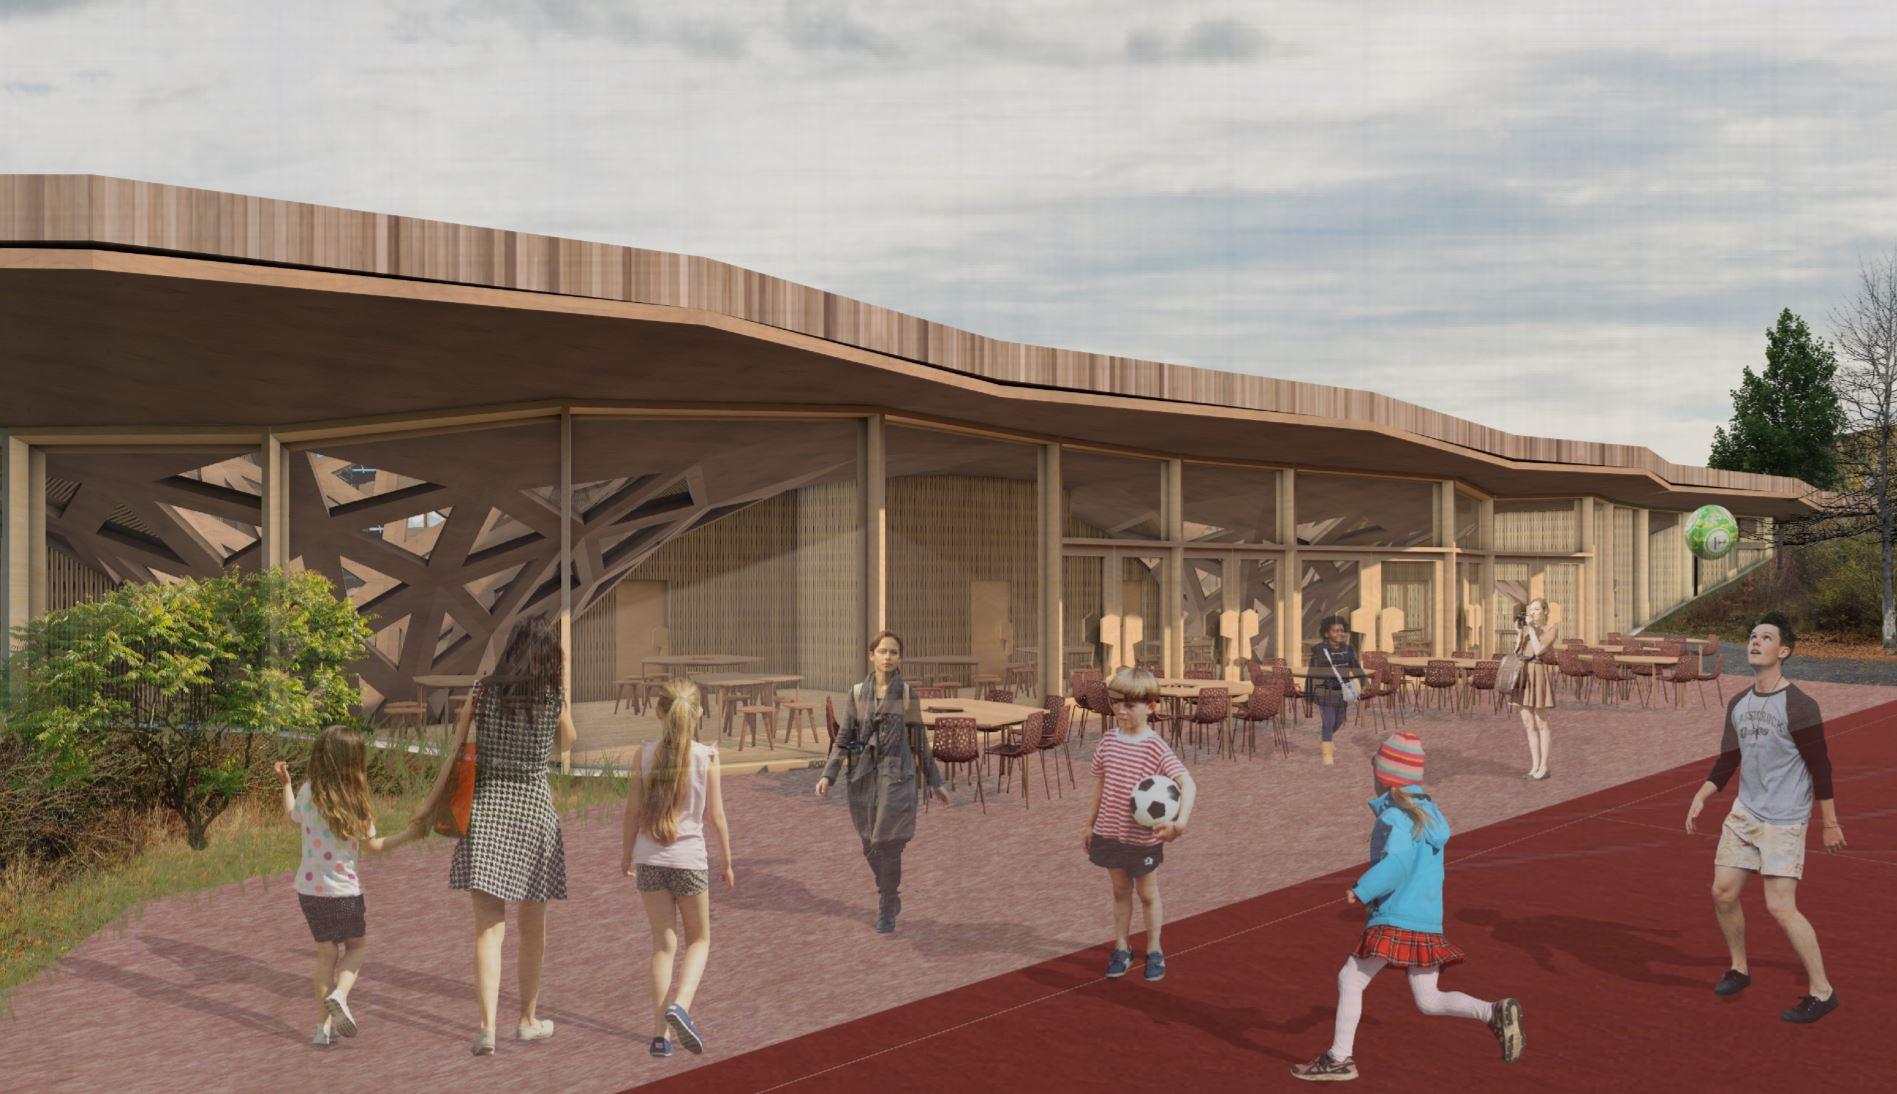 DTC Architecture Studio WS11819, Benedikt Blumenröder